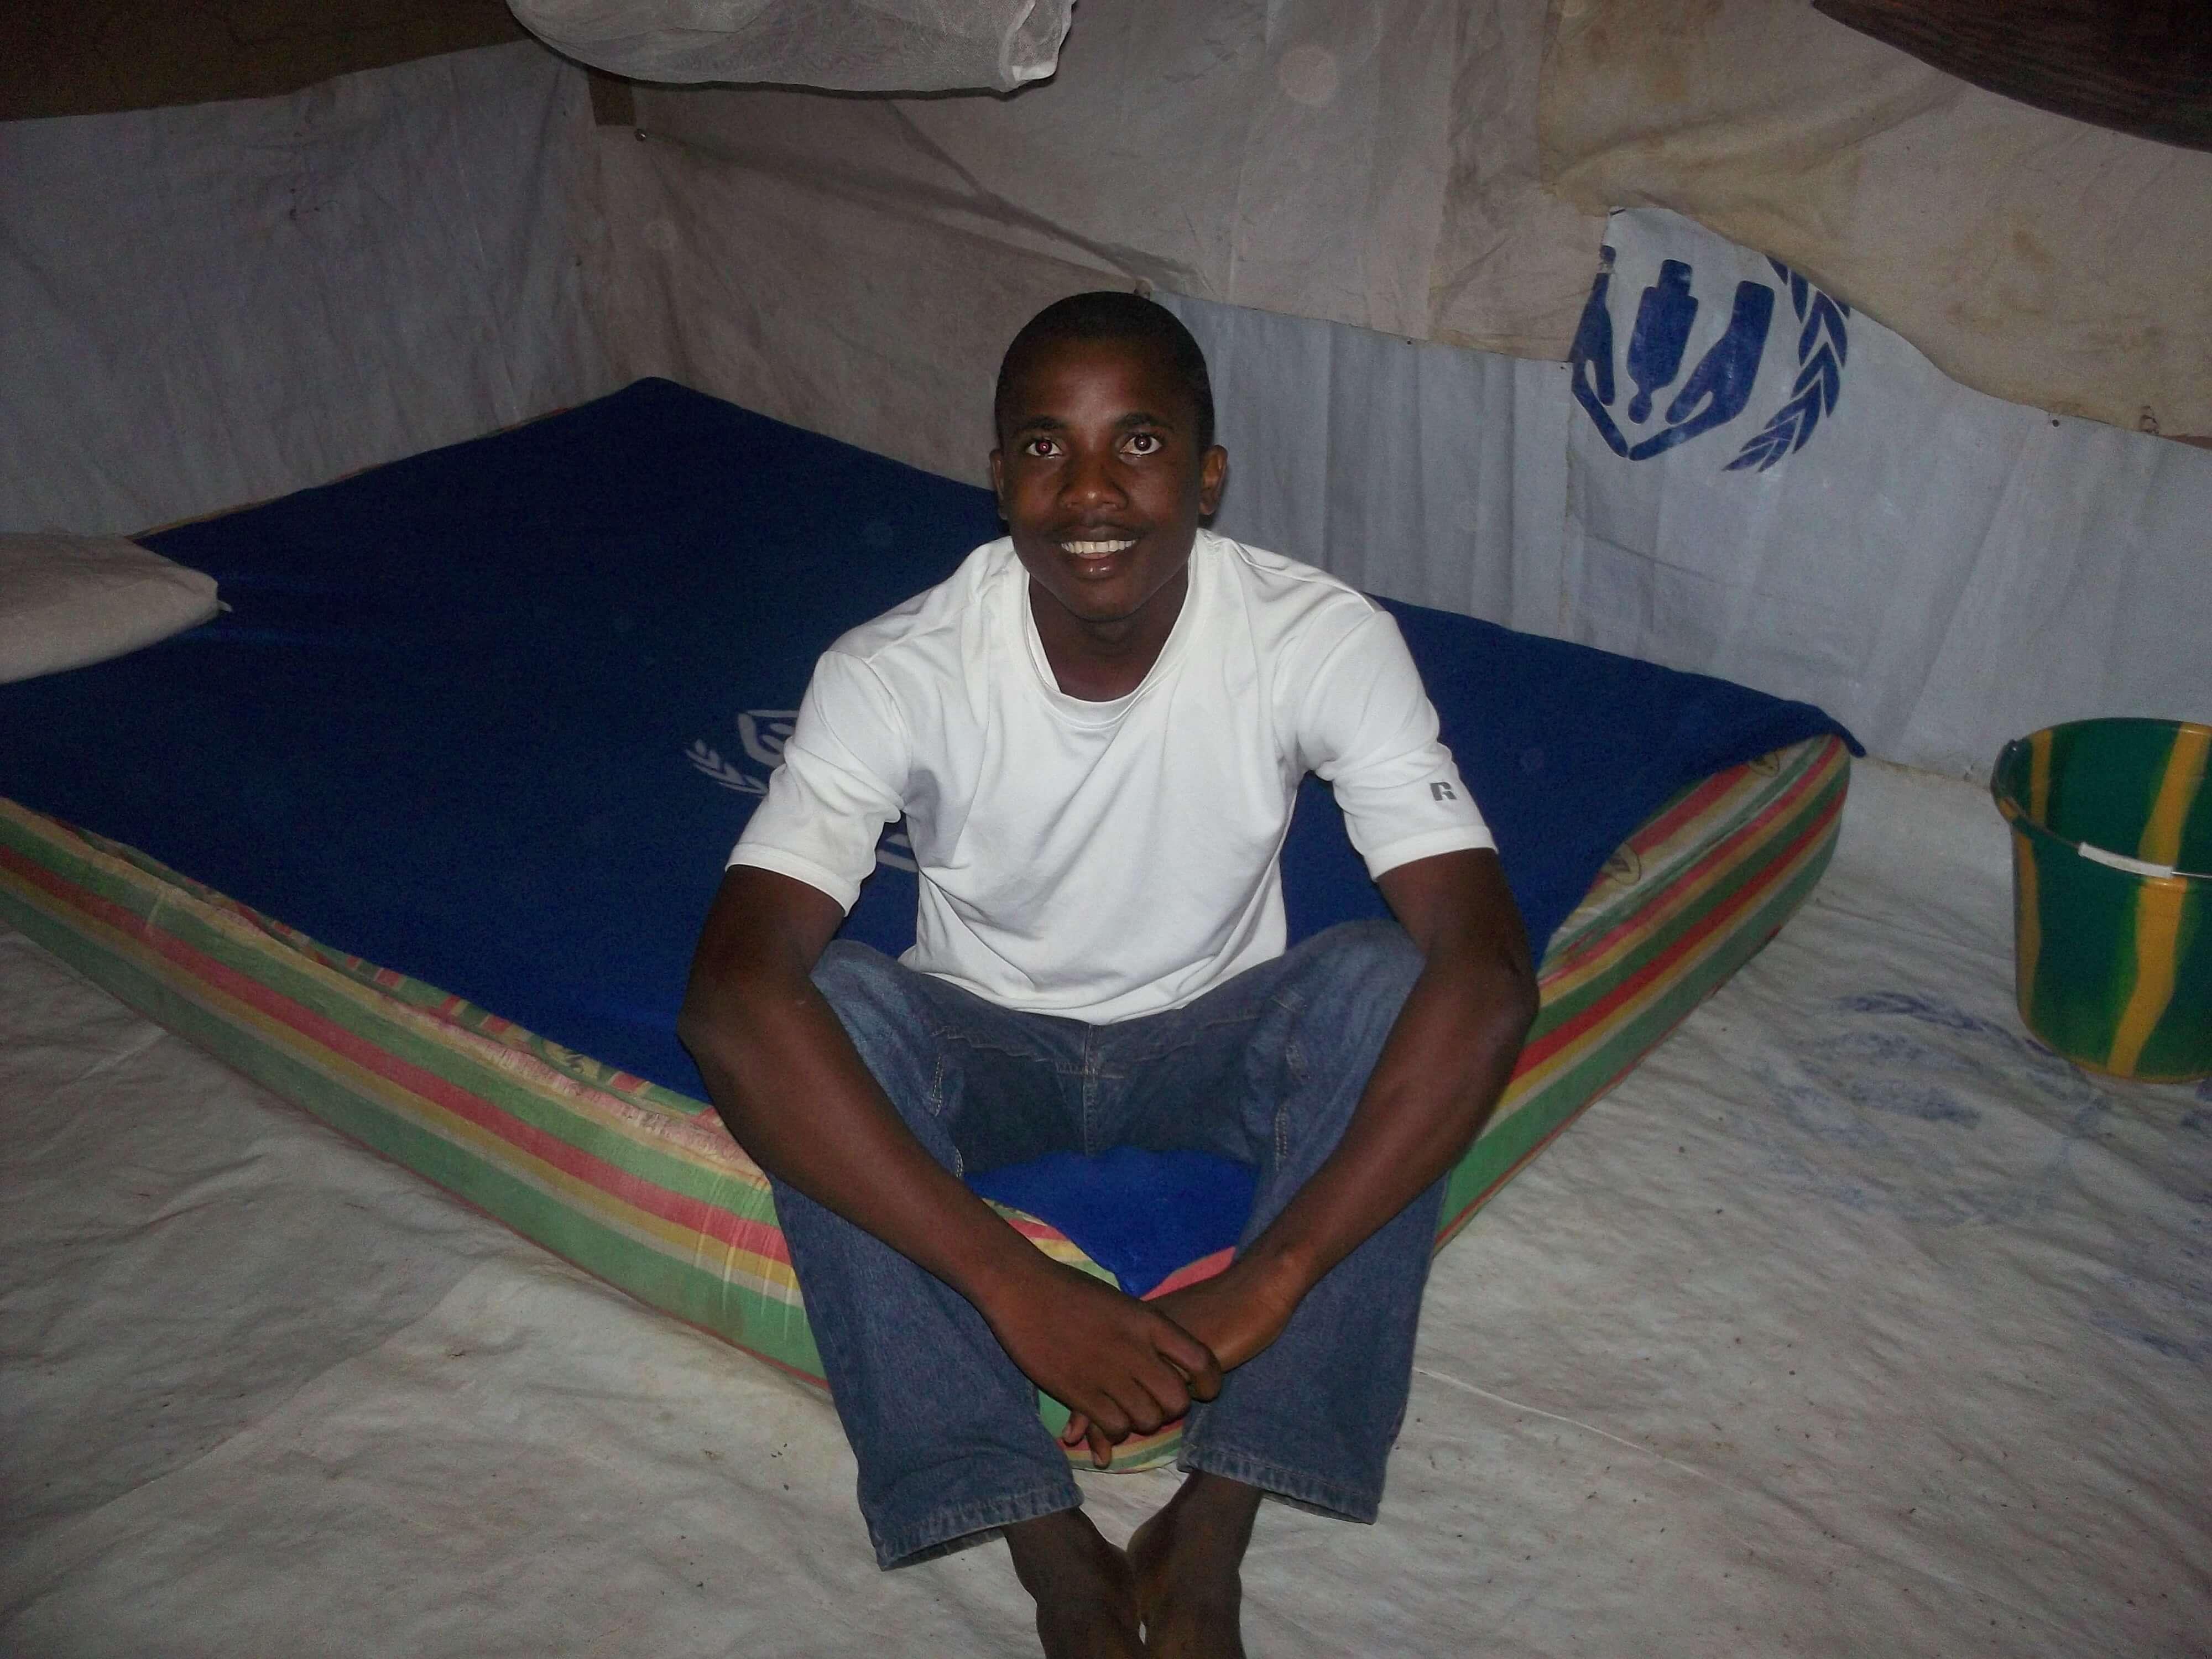 Ce jeune homme me laisse son lit afin d'honorer 'l'homme de Dieu'. En Afrique, le sens de l'honneur